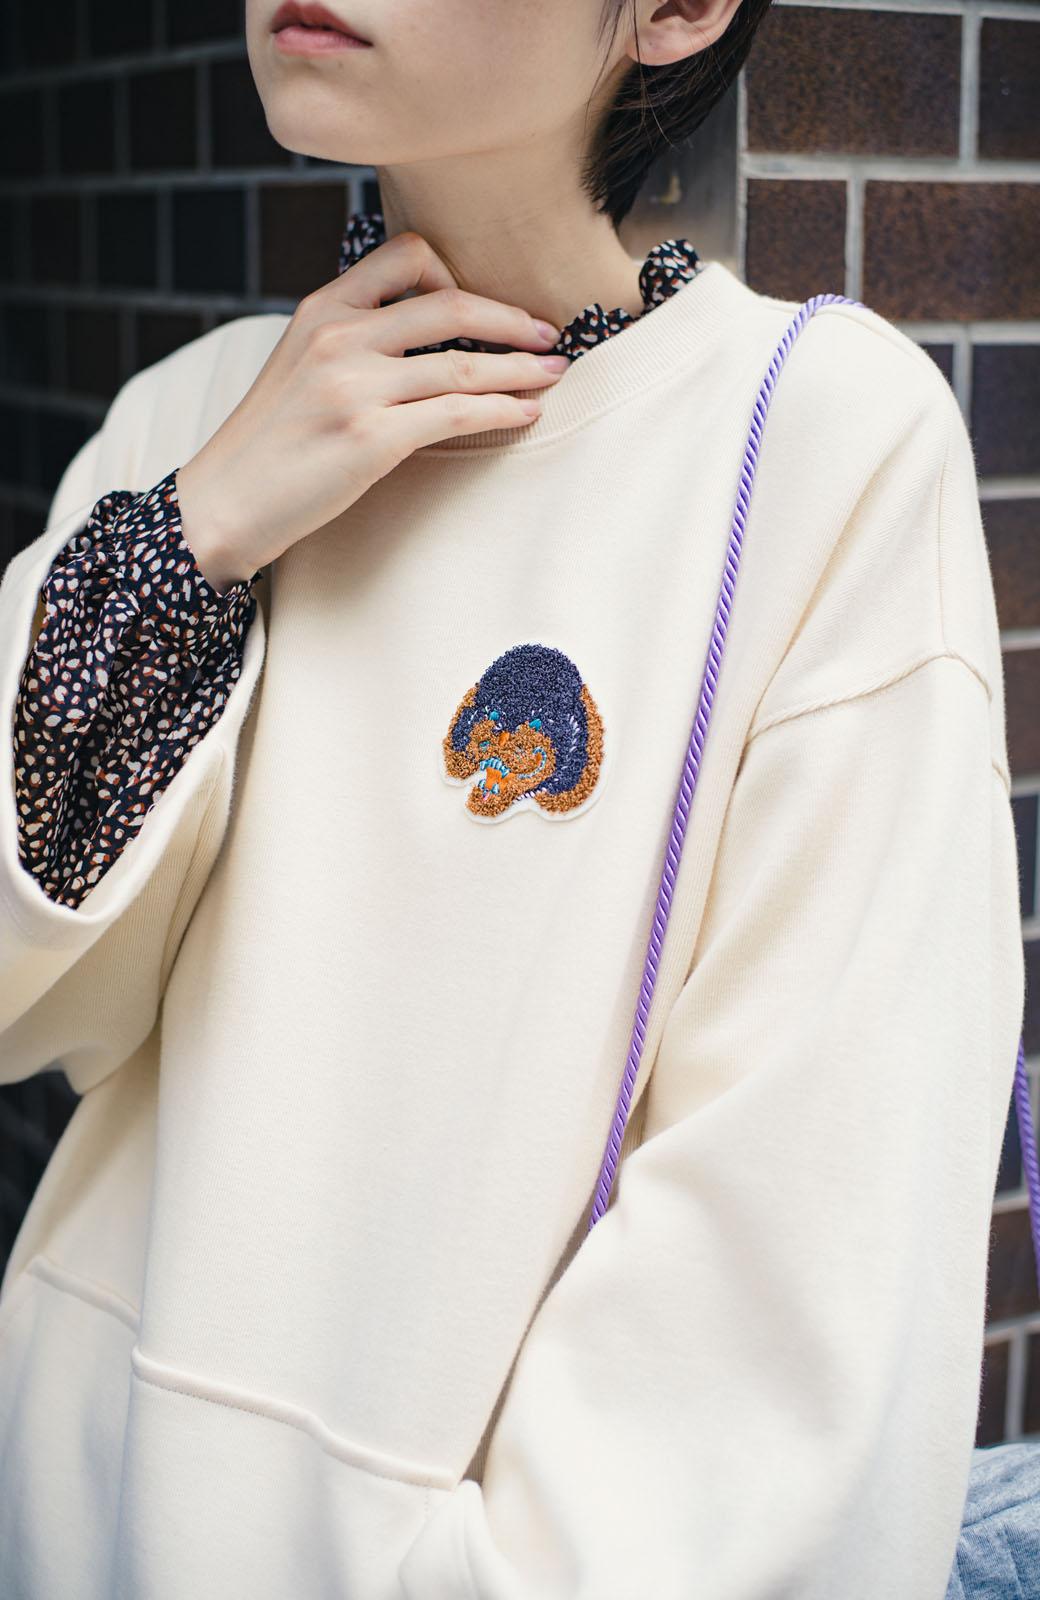 haco! haco! × RBTXCO何色がお好き?プードルちゃんのぷくぷく刺繍ワッペン付きスウェットプルオーバー <オフホワイト>の商品写真3